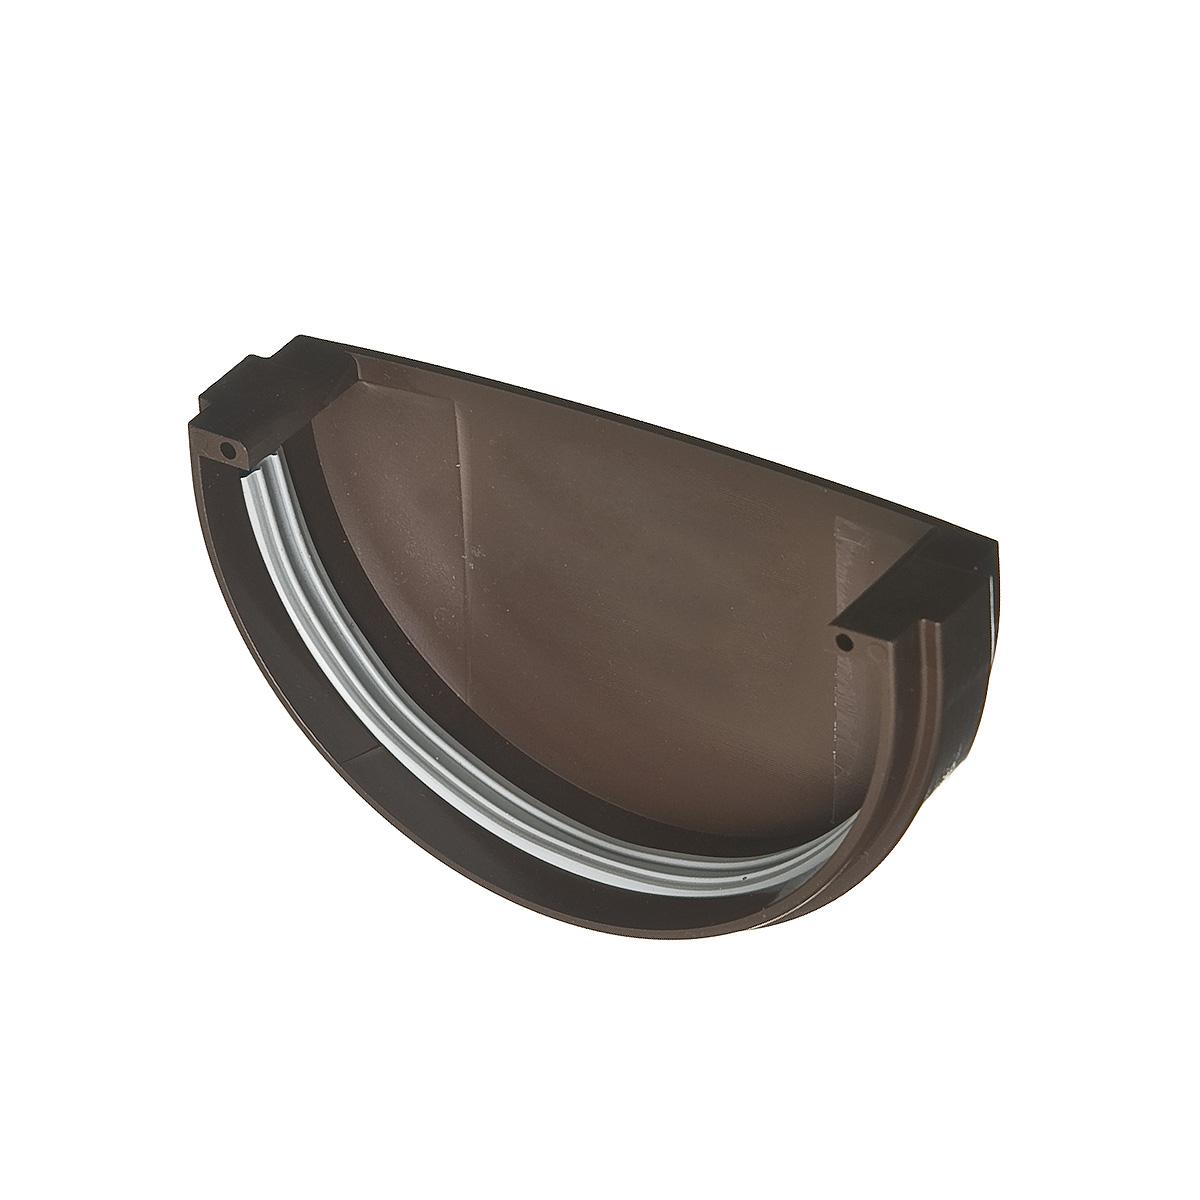 Заглушка желоба пластиковая универсальная коричневая (кофе) VINYL-ON